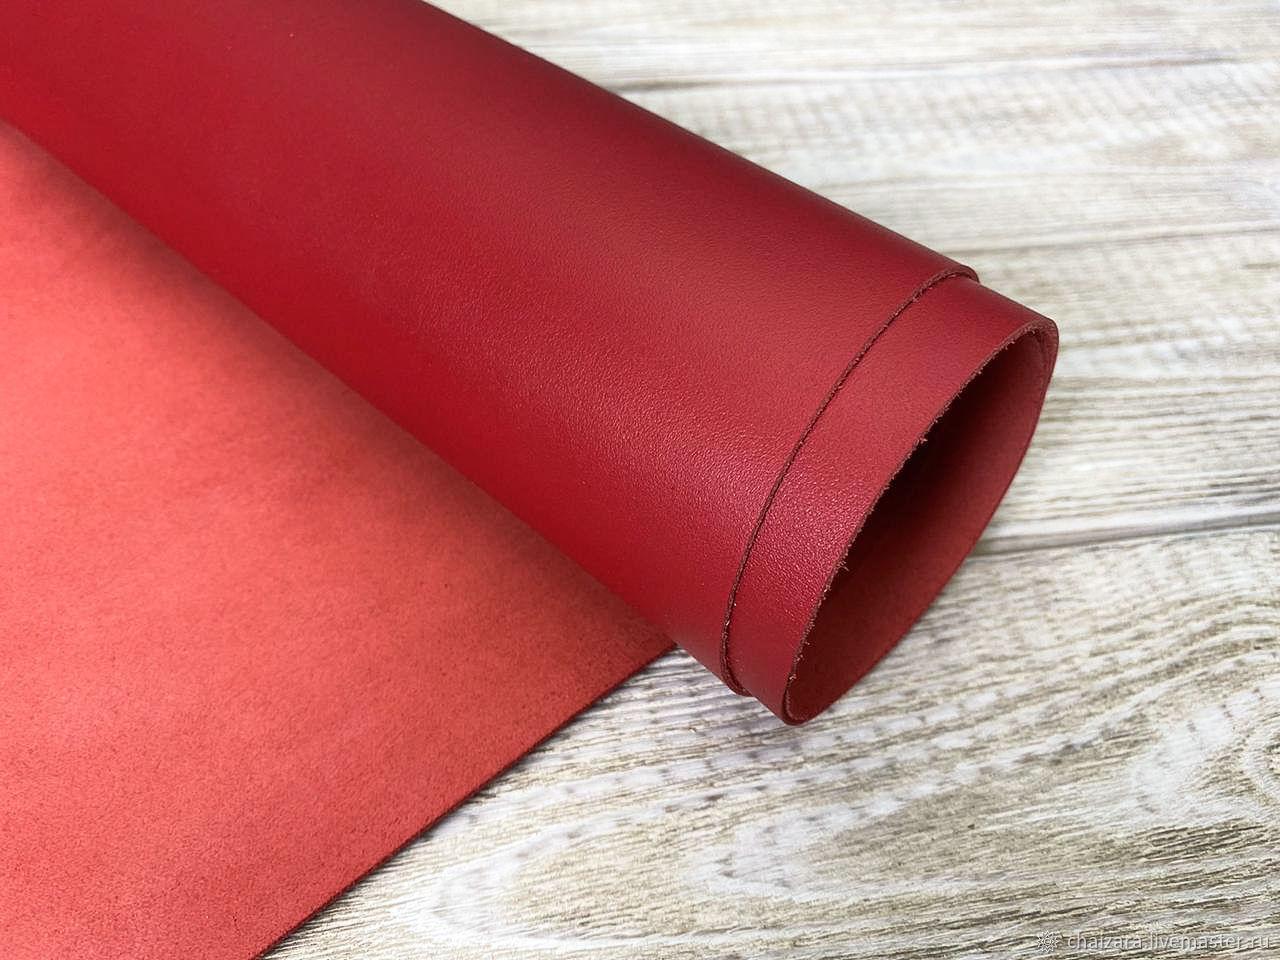 Натуральная кожа 1.2-1.4 мм Red Nappa-2, Кожа, Оренбург,  Фото №1